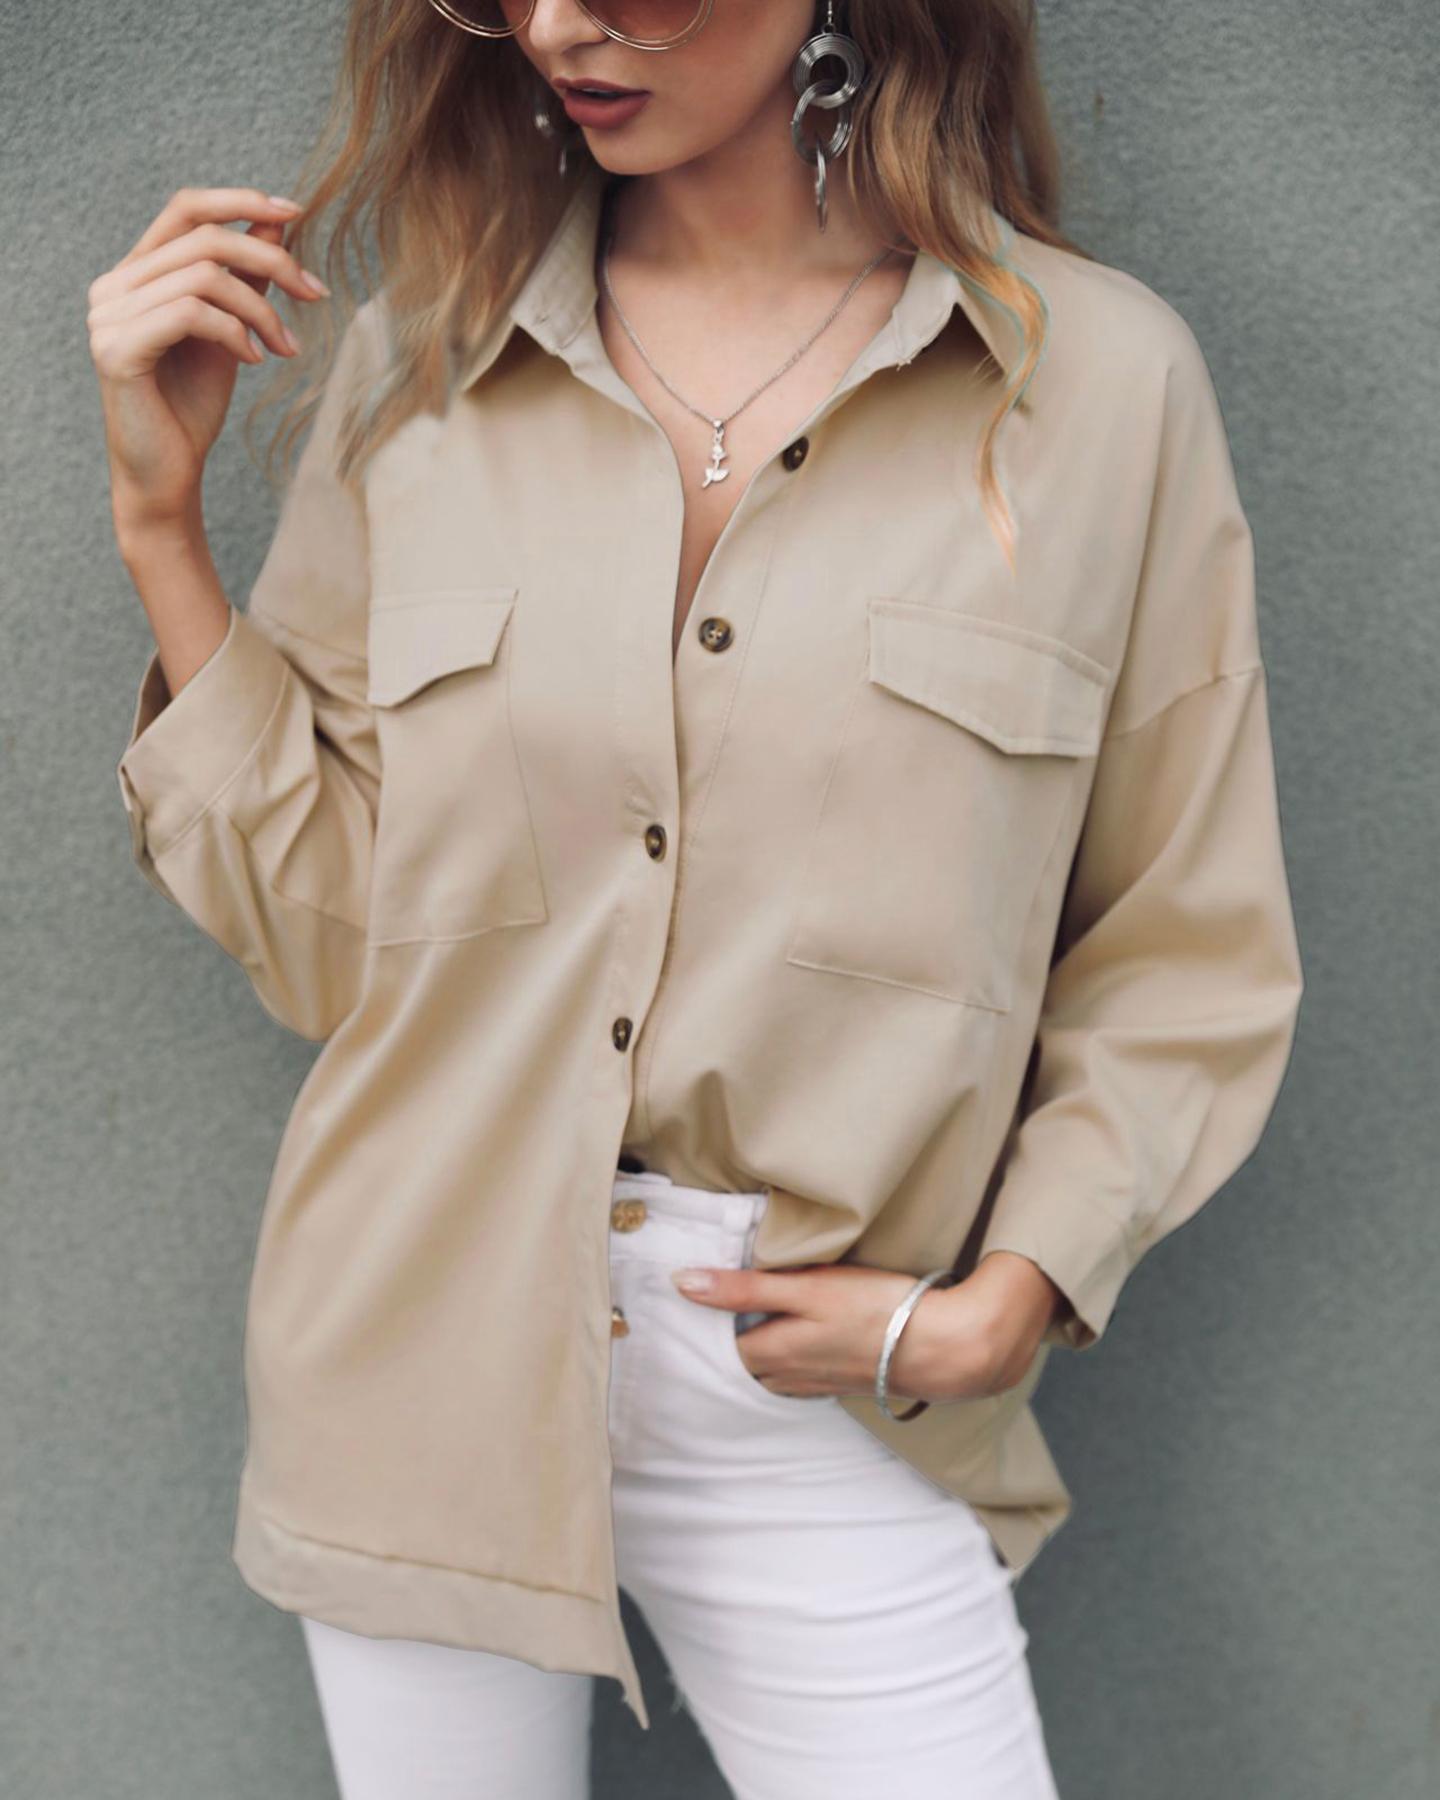 ivrose / Camisa casual de manga larga con bolsillo sólido